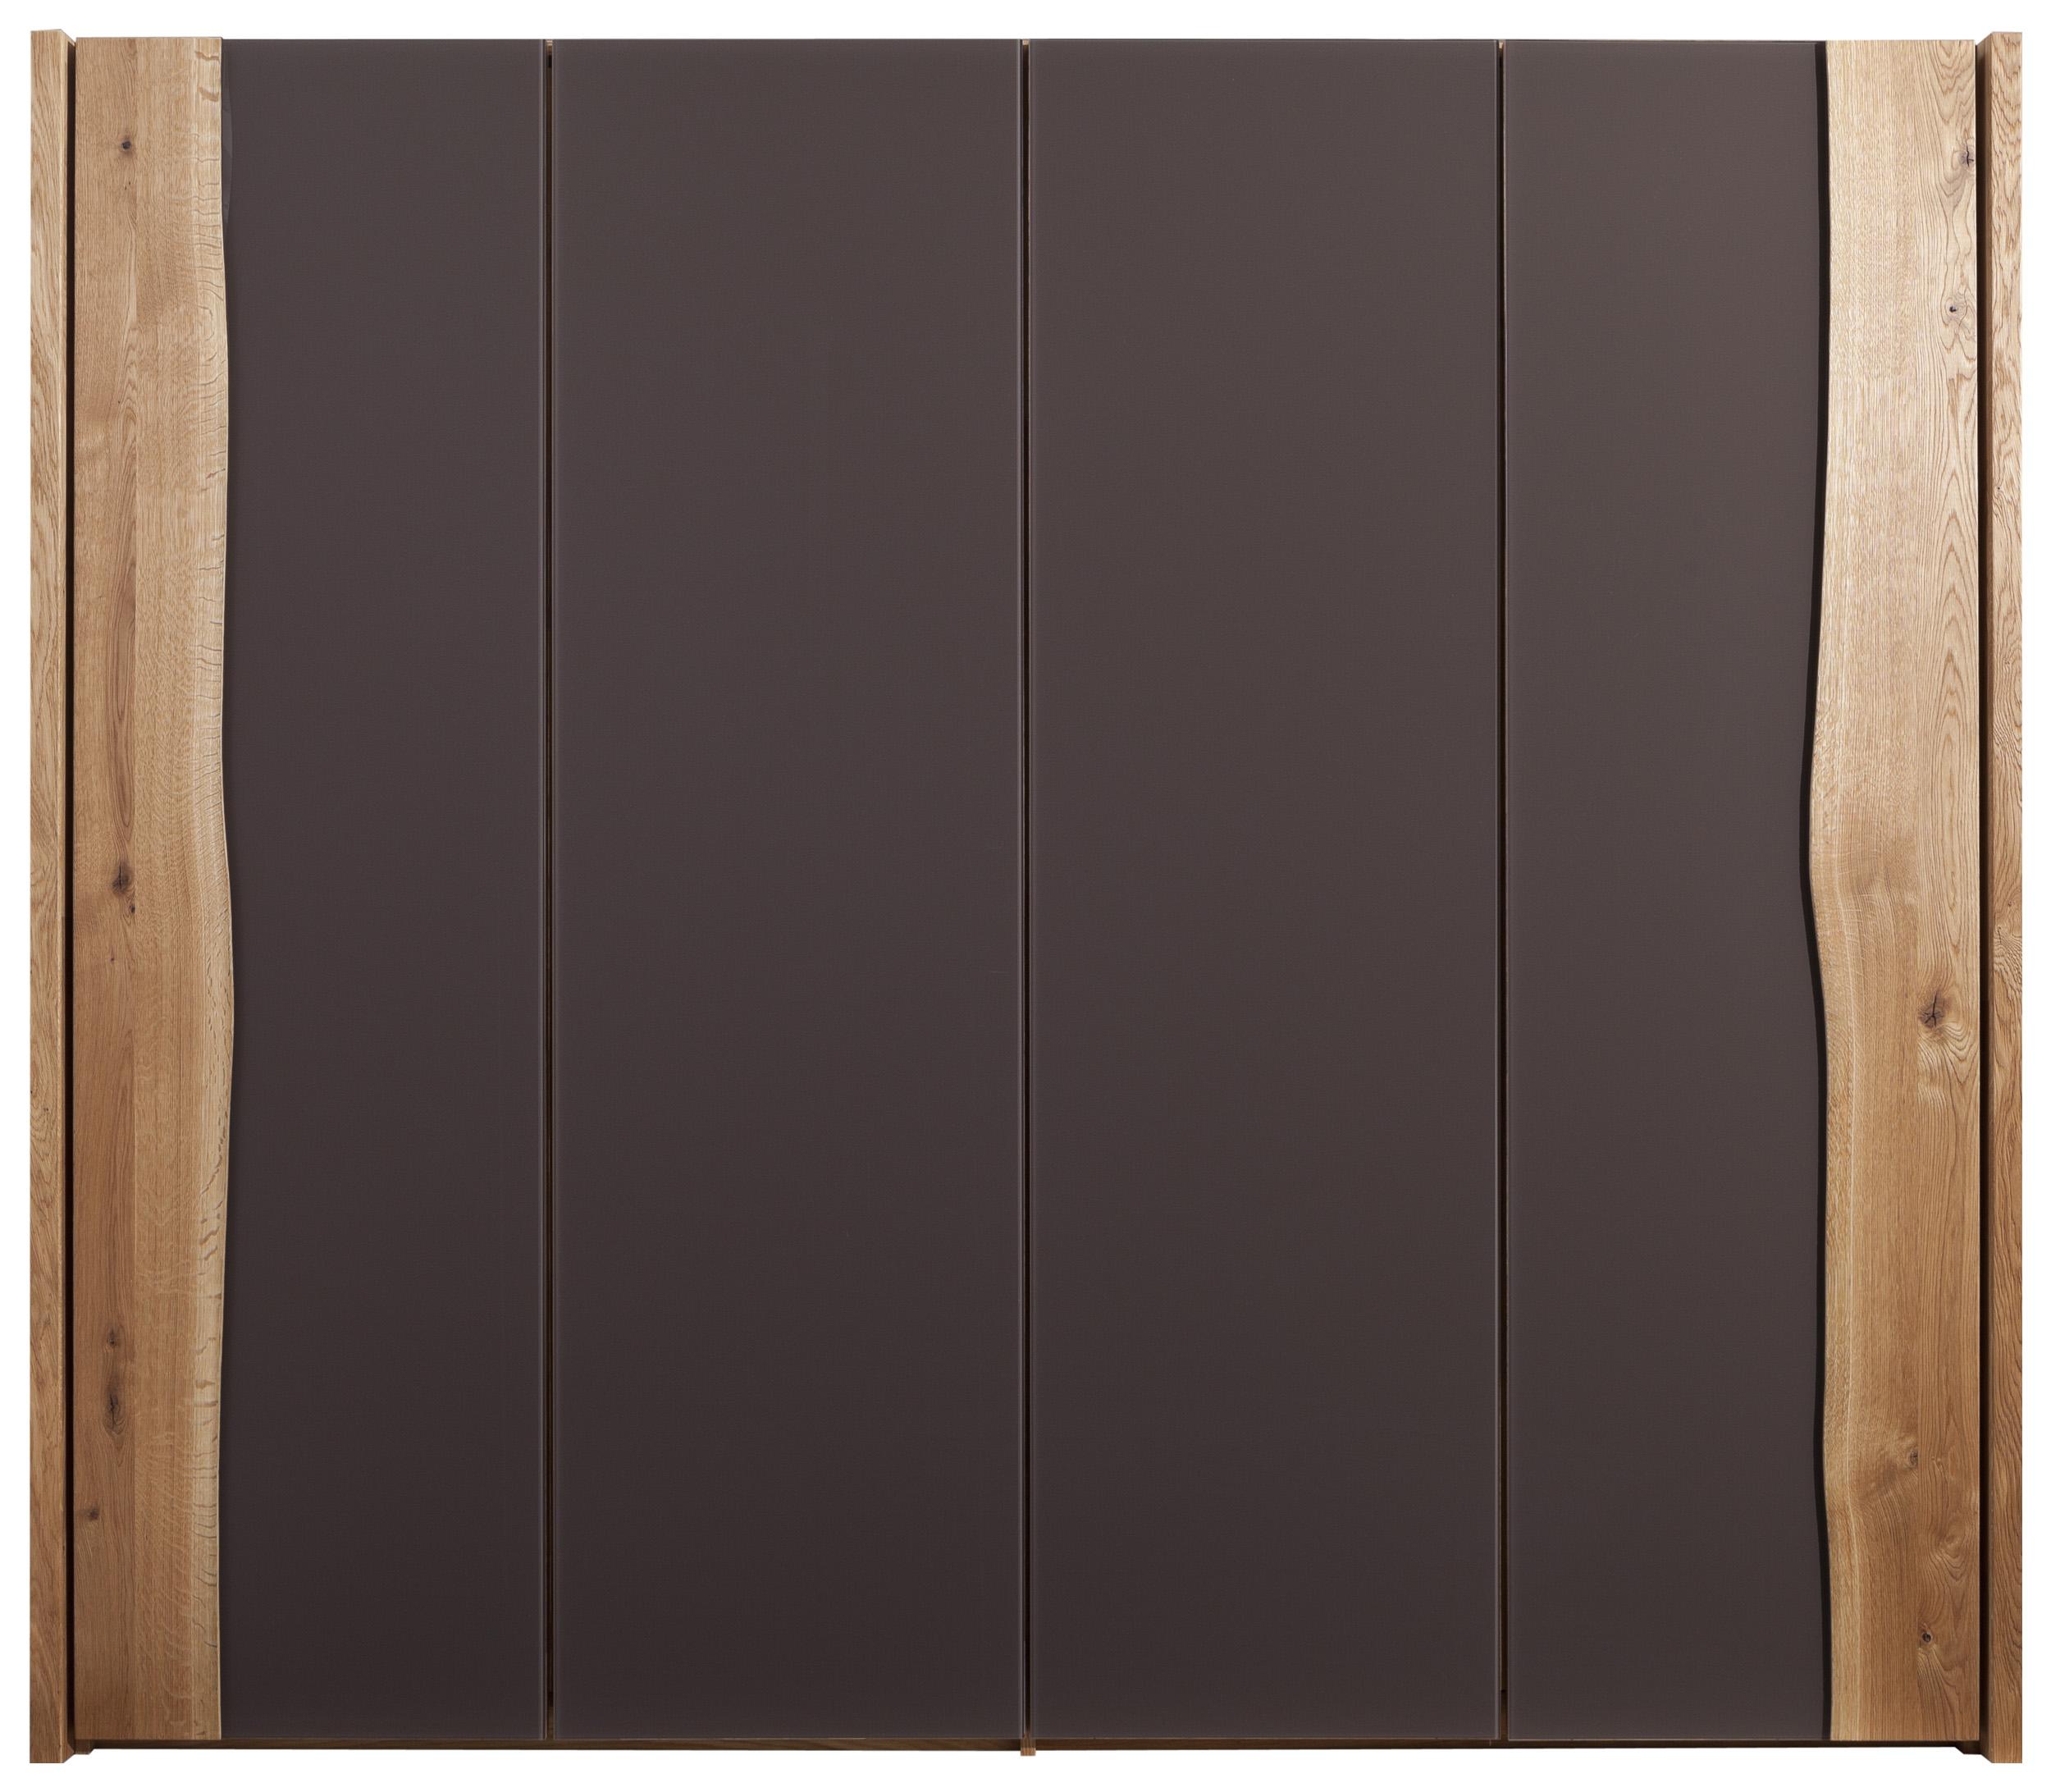 4 t riger kleiderschrank aus eiche und braunglas natura new jersey m belhaus pohl. Black Bedroom Furniture Sets. Home Design Ideas